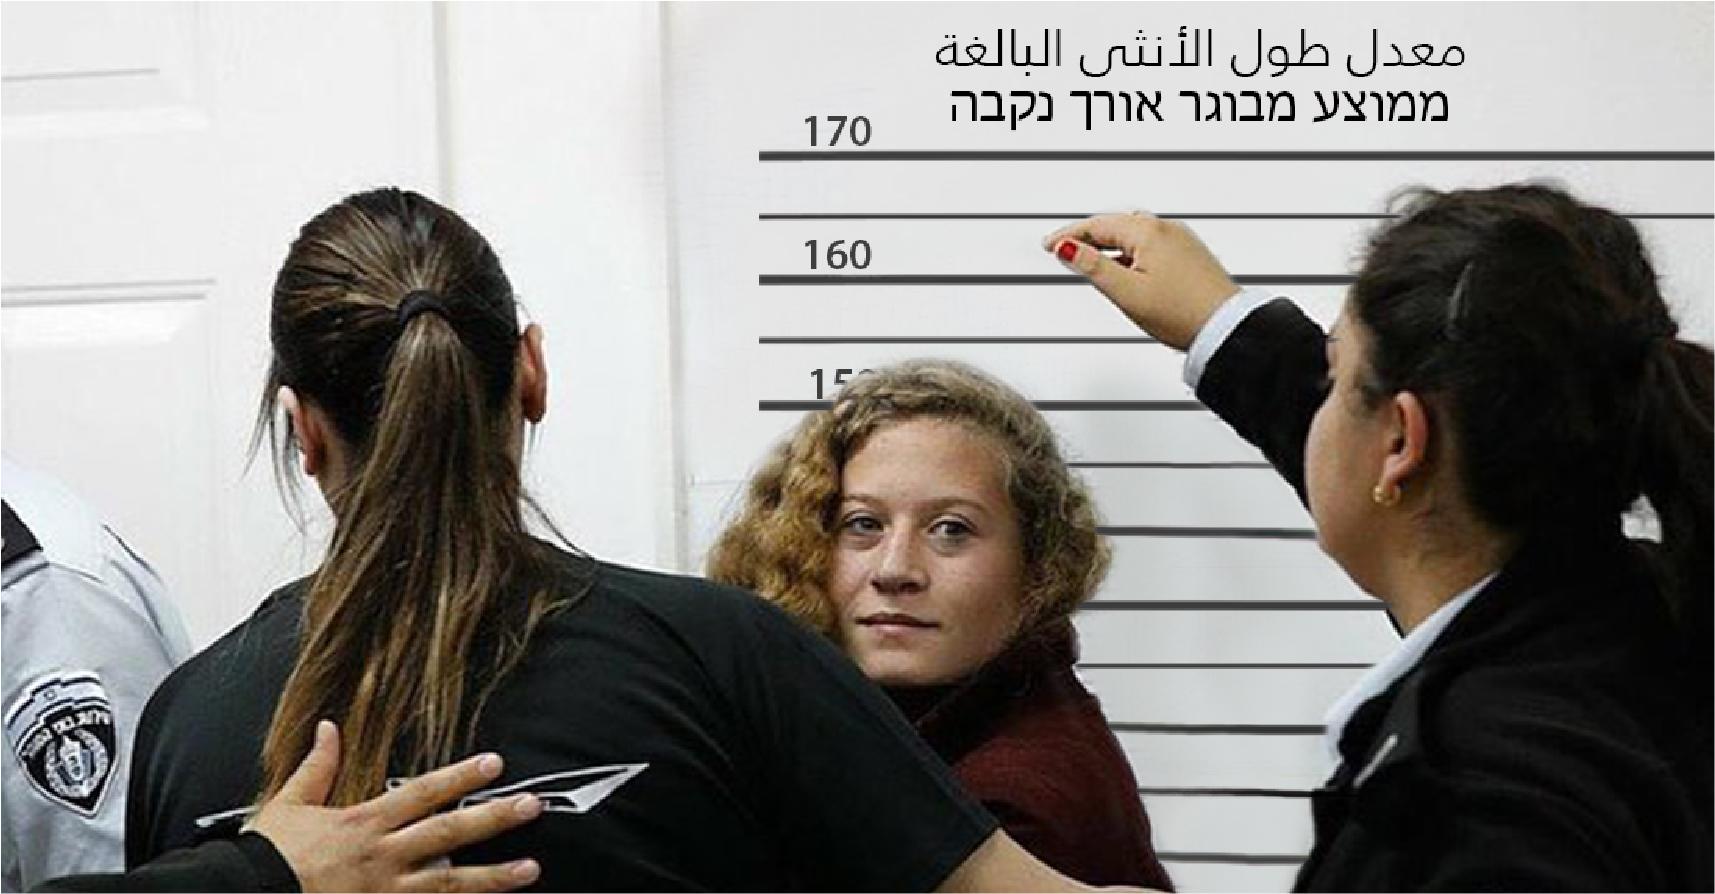 صورة إسرائيل تواجه تراجعاً في منسوب احتياطيها من الأسرى